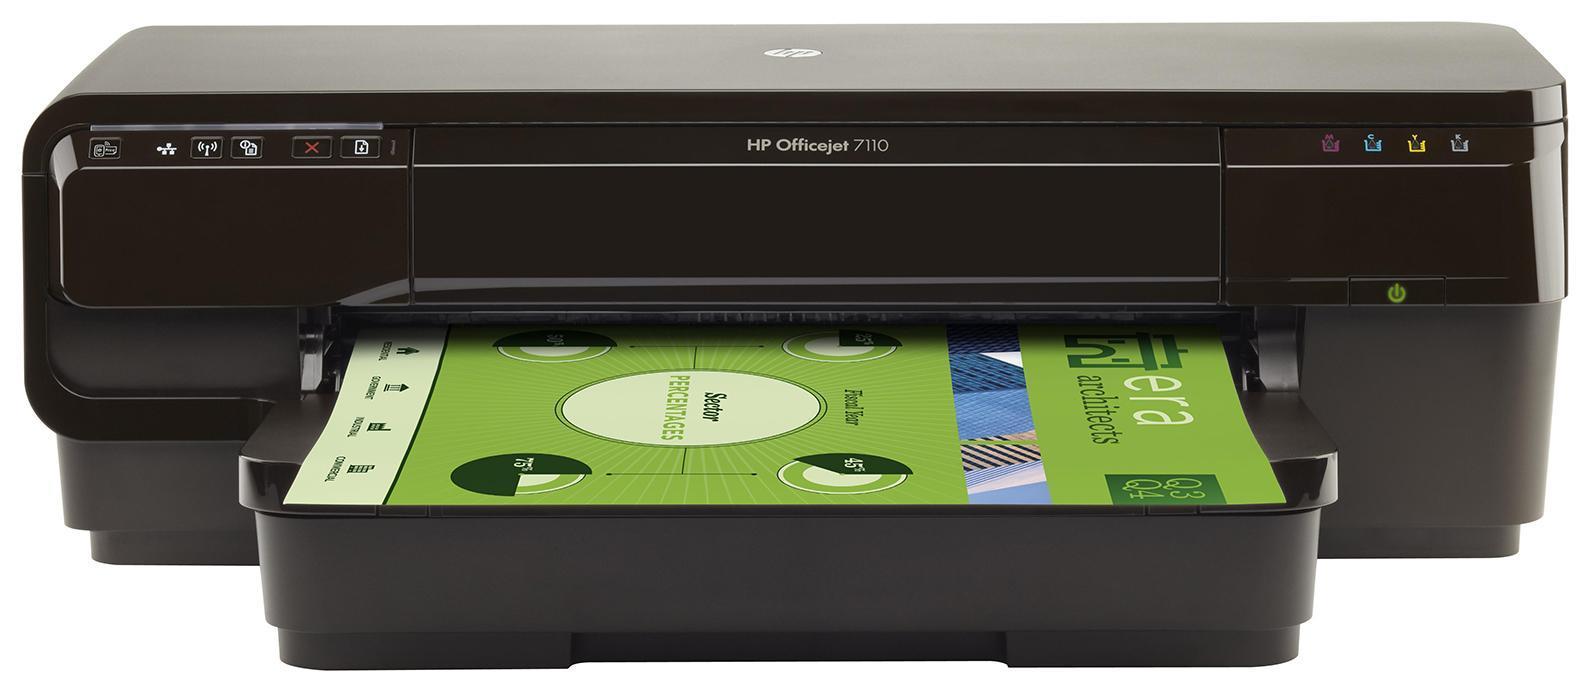 HP Officejet 7110 (H812a) струйный принтерCR768AСделайте больше собственными силами благодаря доступному, надежному принтеру HP ePrinter. Создавайте маркетинговые материалы профессионального качества размерами от почтовых открыток до A3+. Возможность совместной работы с помощью беспроводной сети 1 и возможность печати практически из любого места. 2